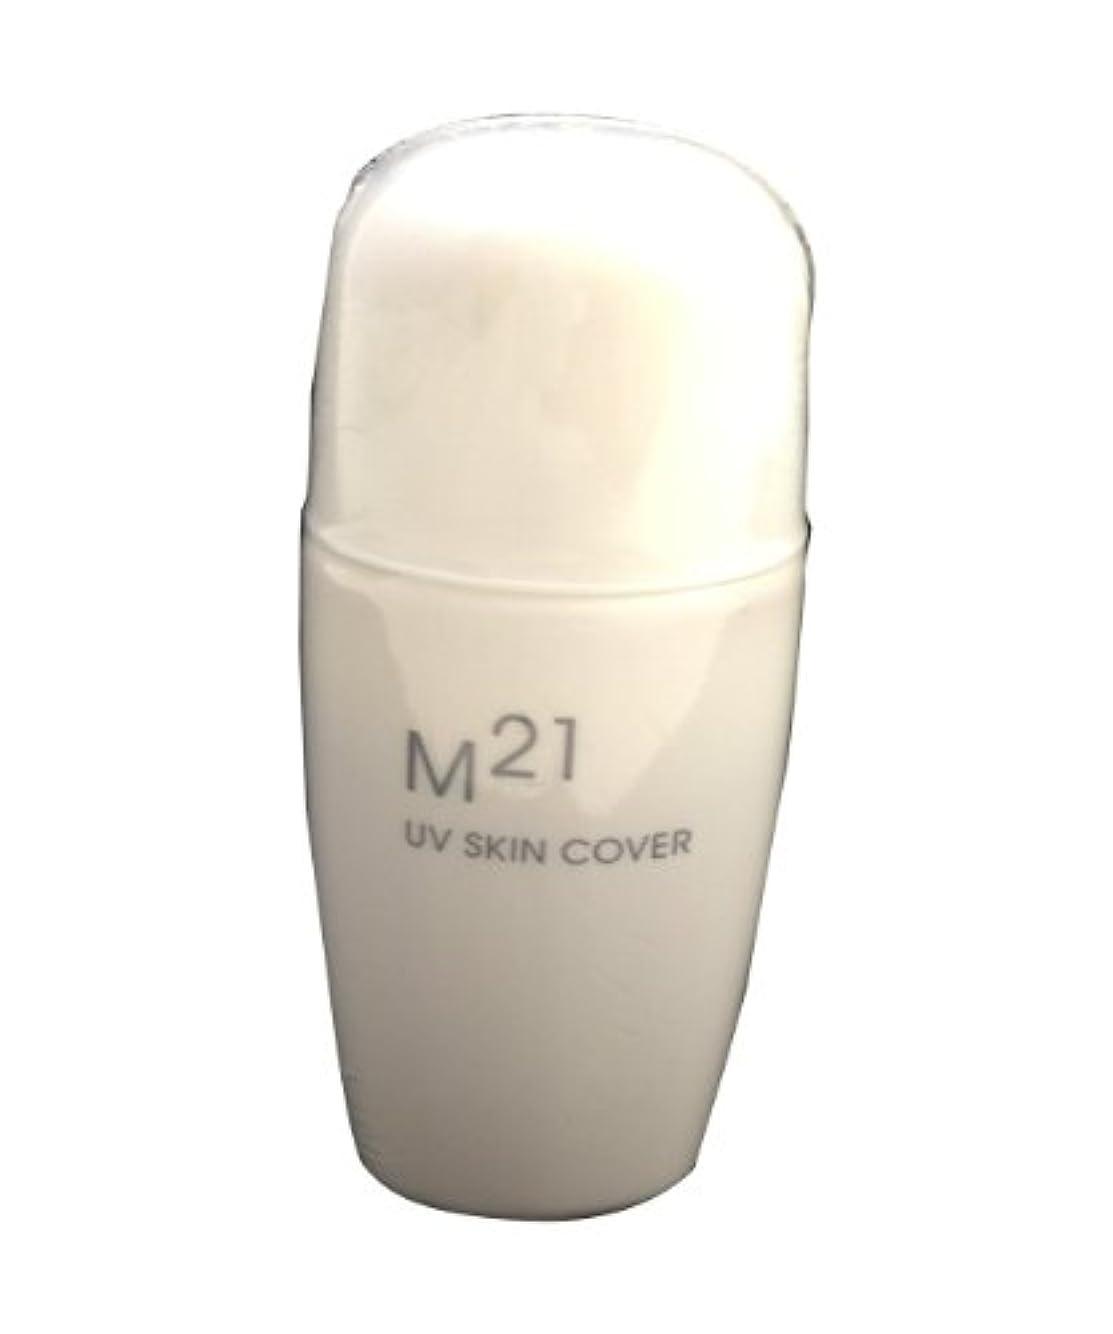 勧告しがみつく噛むM21UVスキンカバー 自然化粧品M21